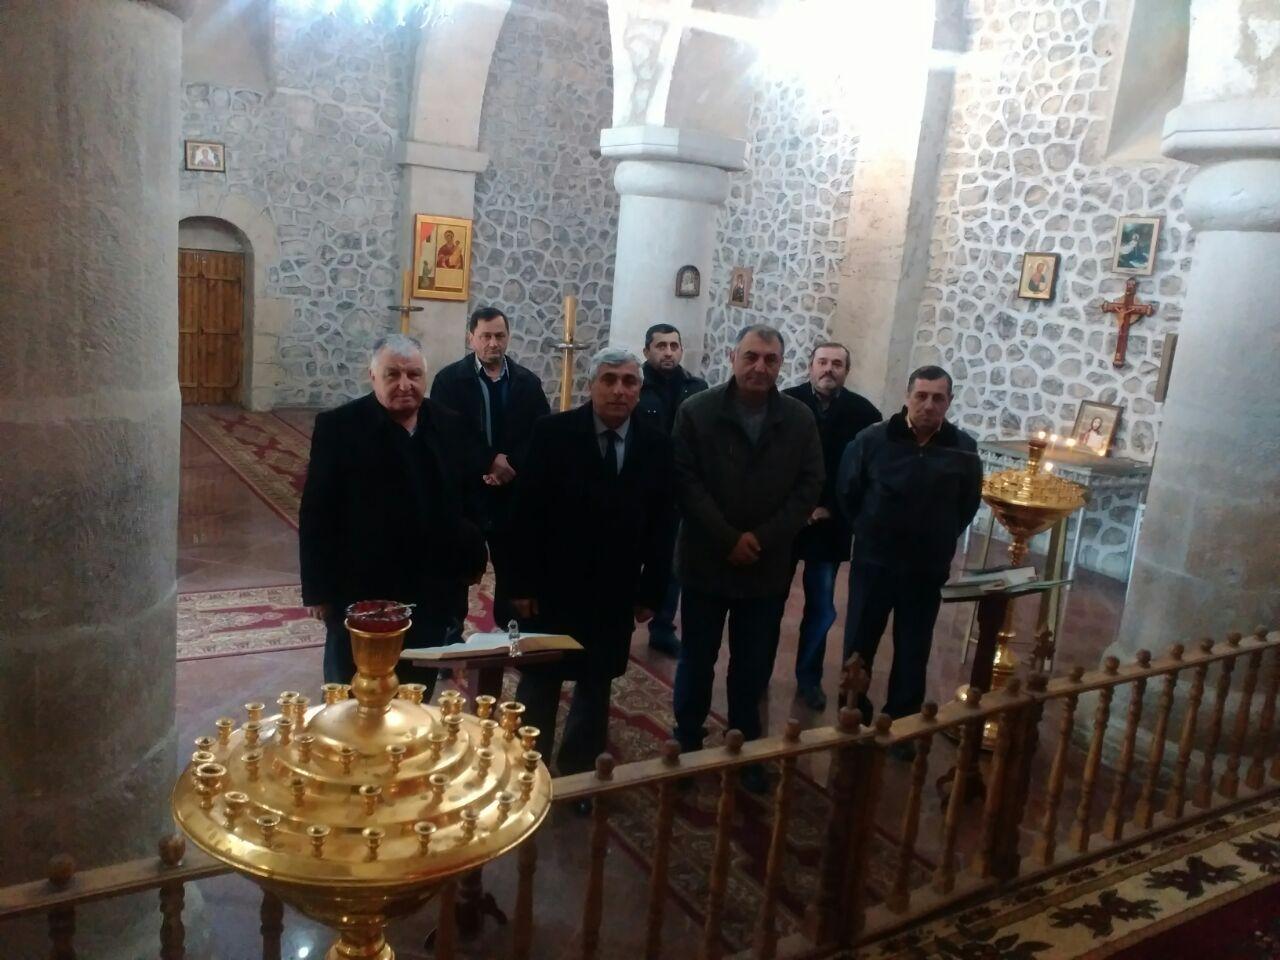 Удинская христианская паства почтила память жертв 20 ЯНВАРЯ.